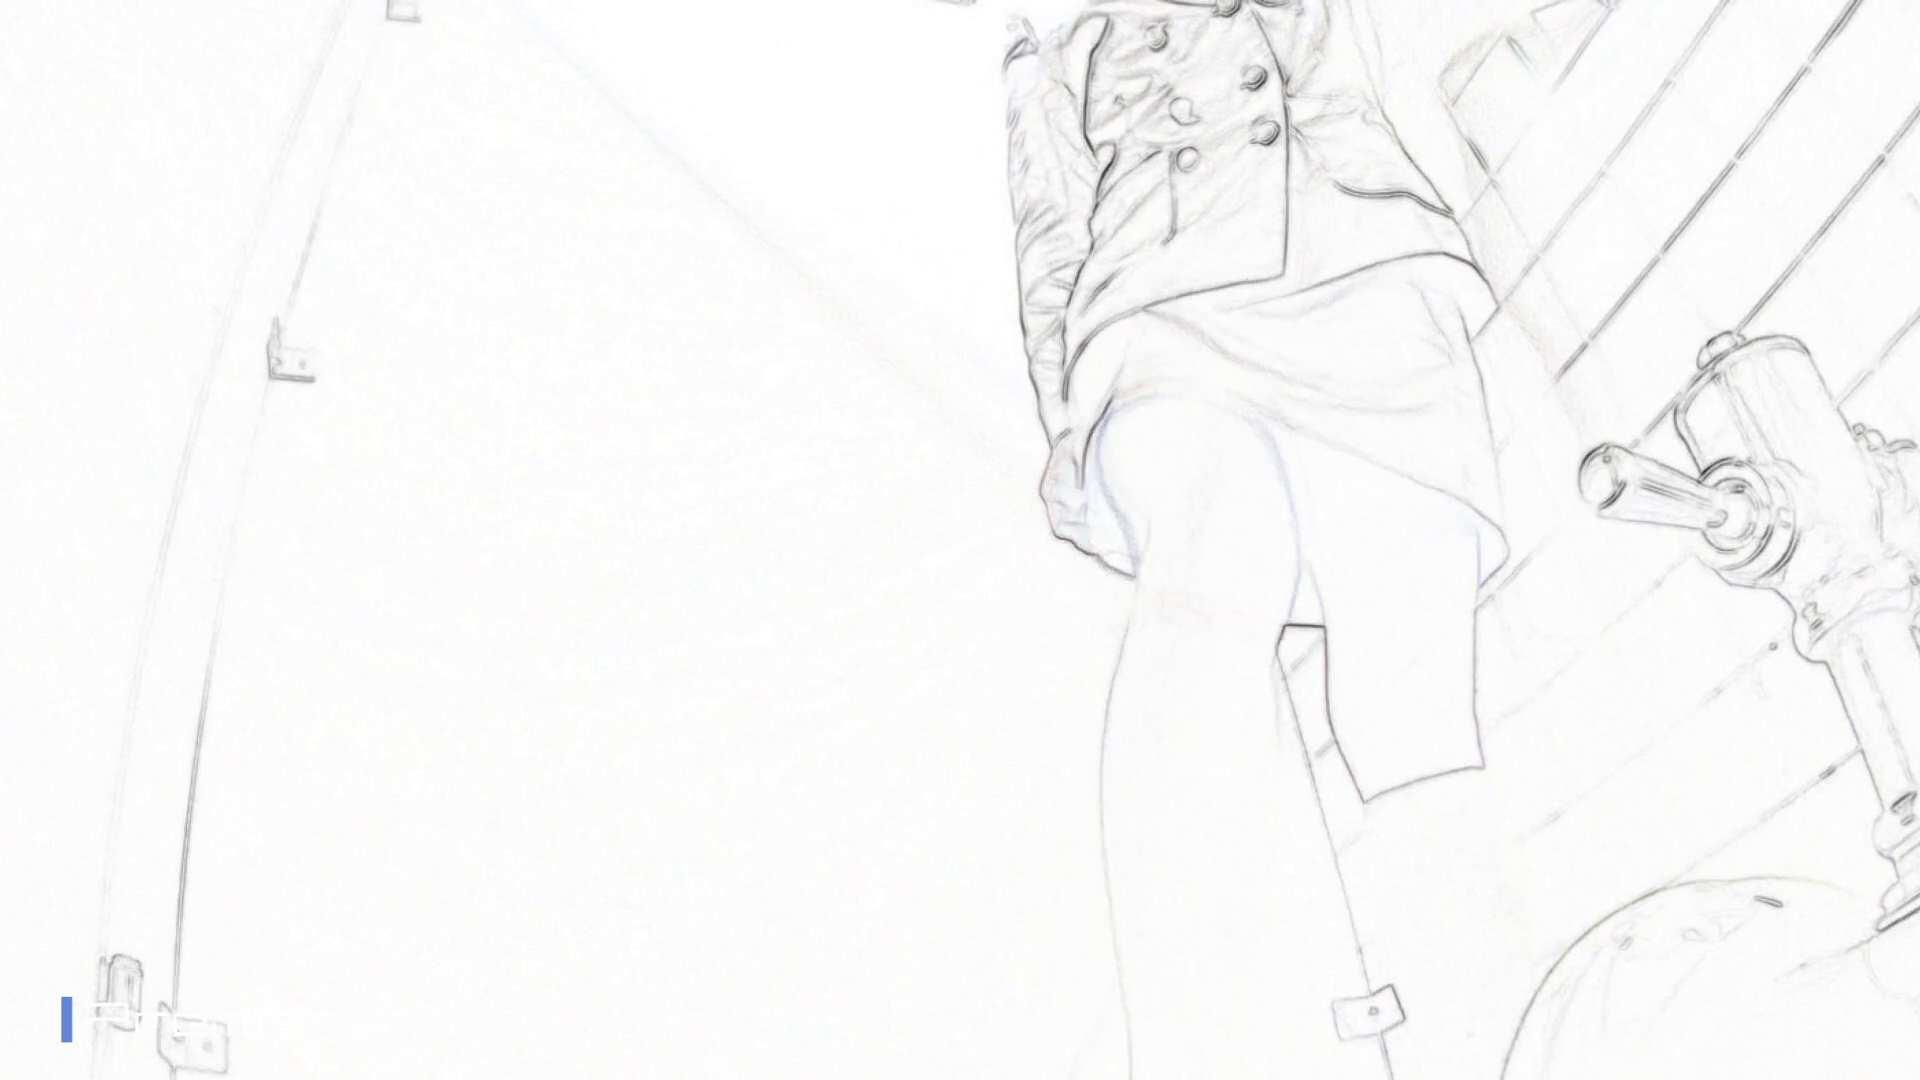 ▲2017_03位▲ 復讐のトイレ盗撮 Vol.01 学校潜伏  38pic 15